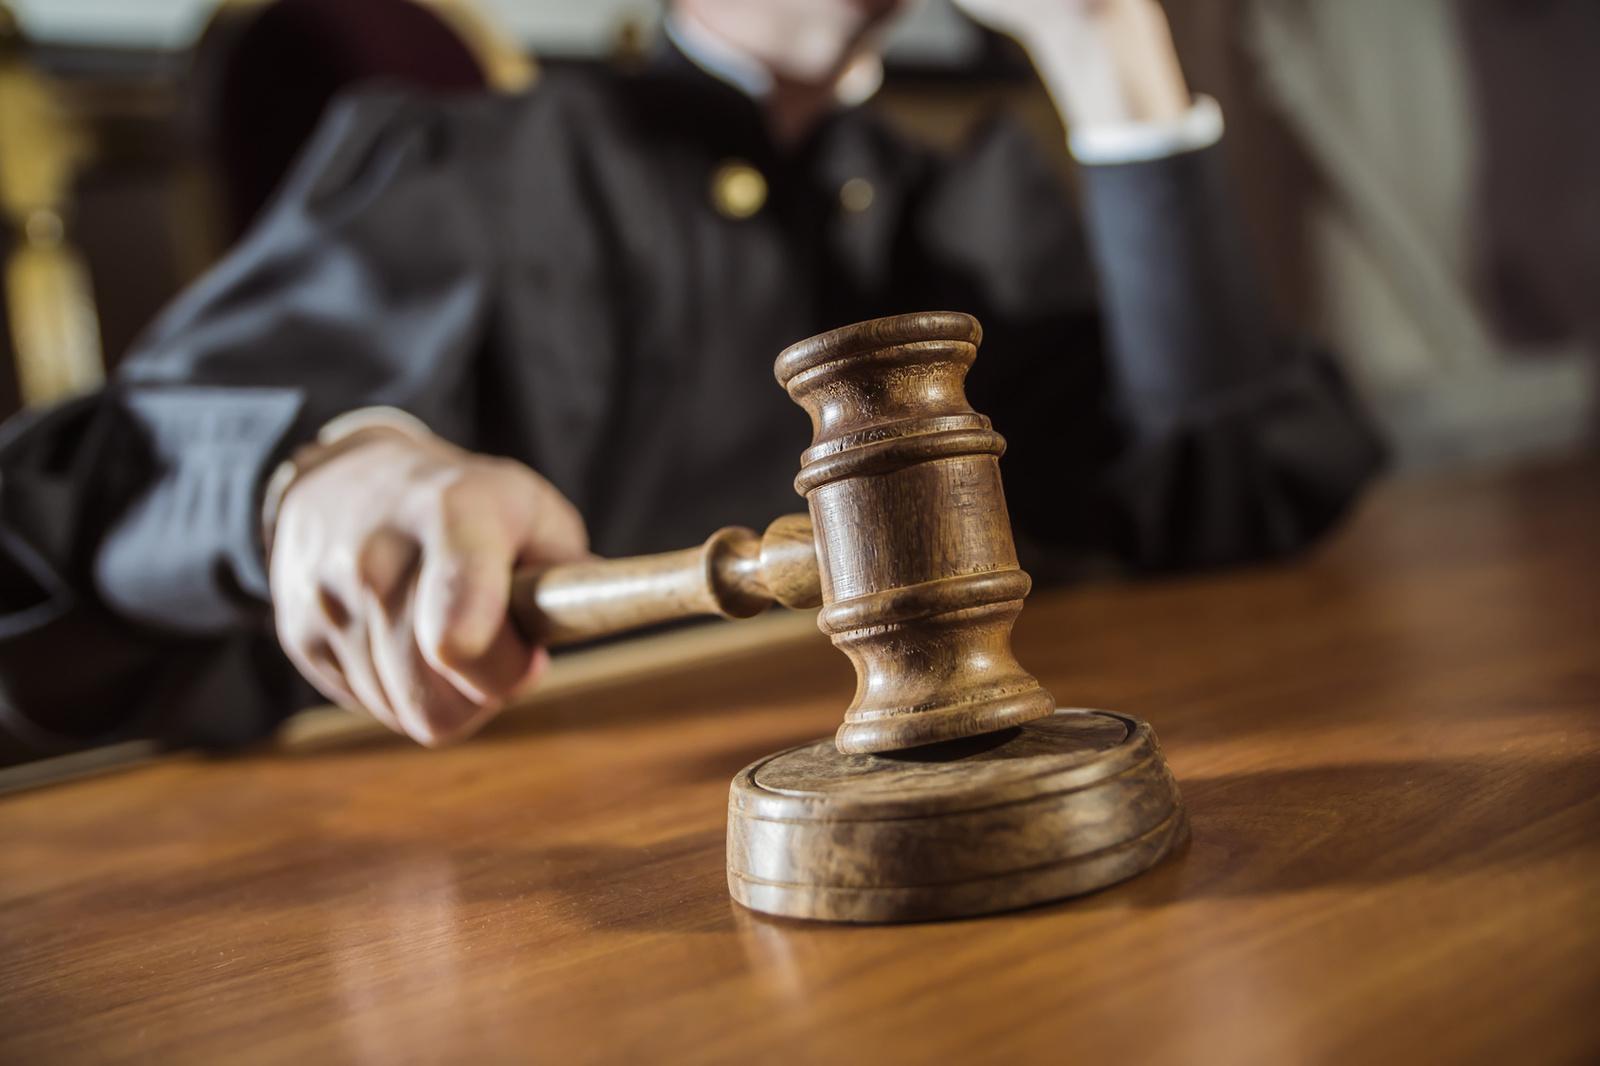 На ЕА подали групповой иск в суд за лутбоксы